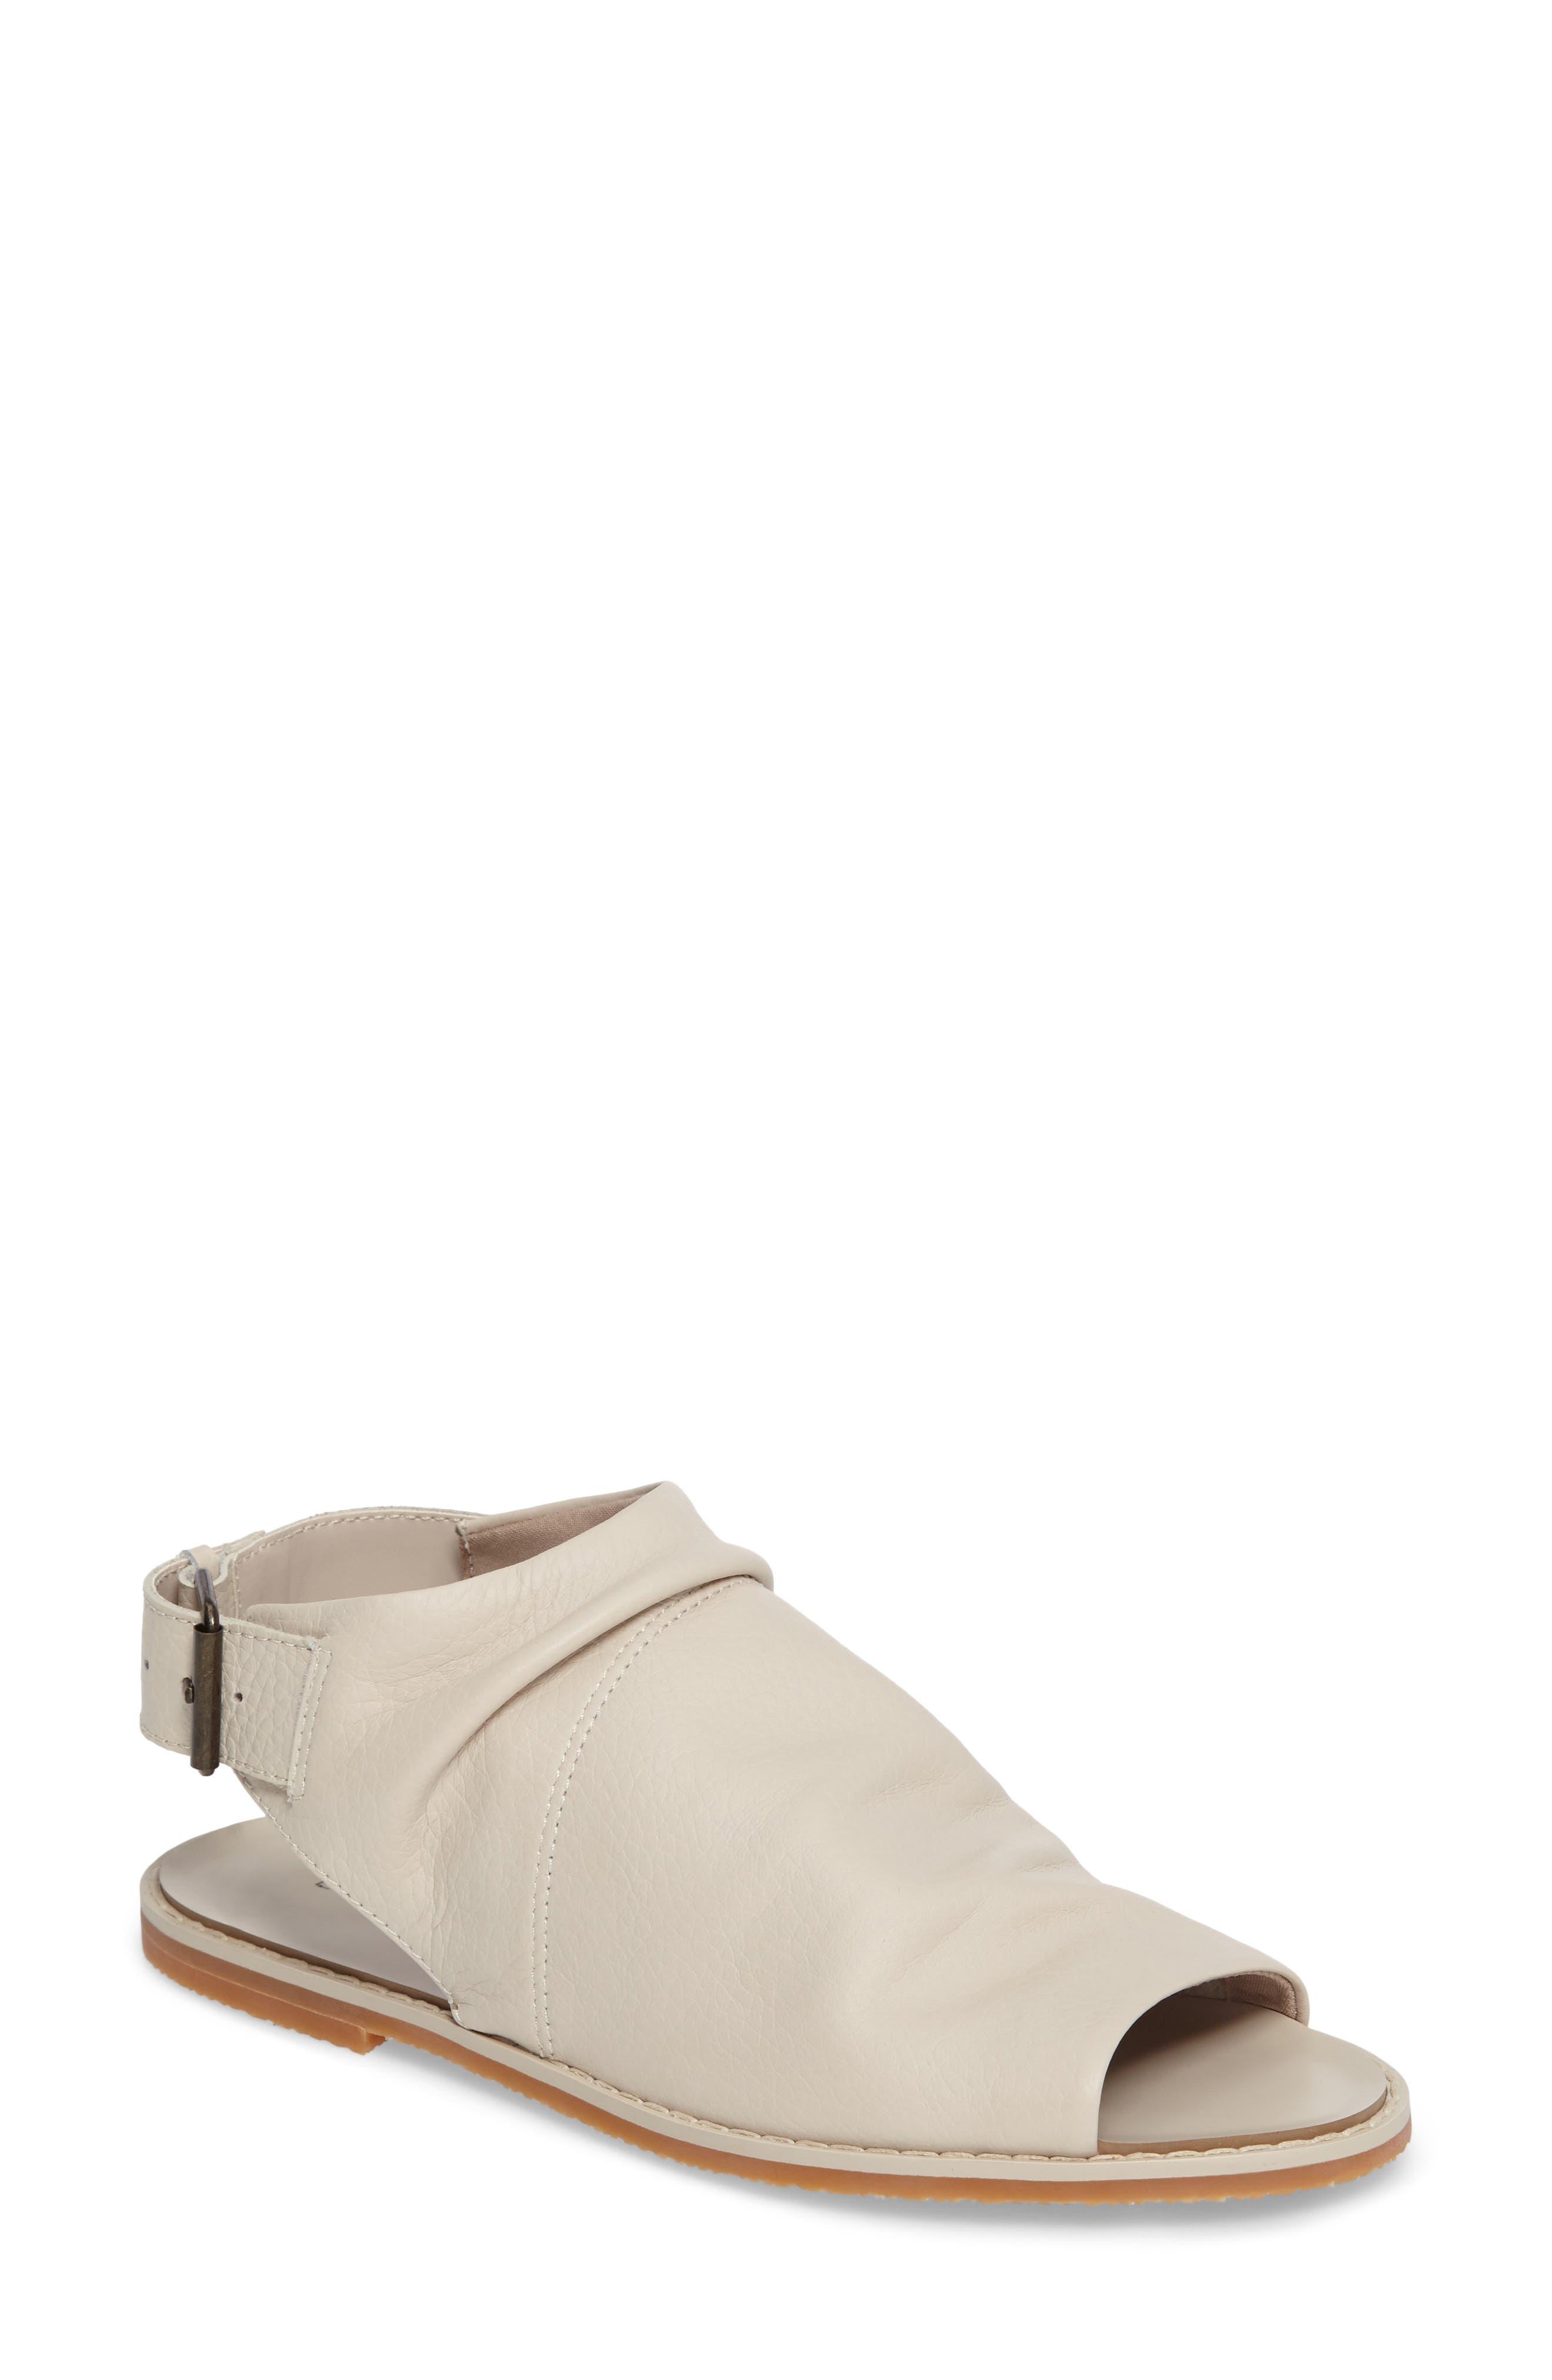 Kelsi Dagger Brooklyn Slouchy Slingback Sandal (Women)